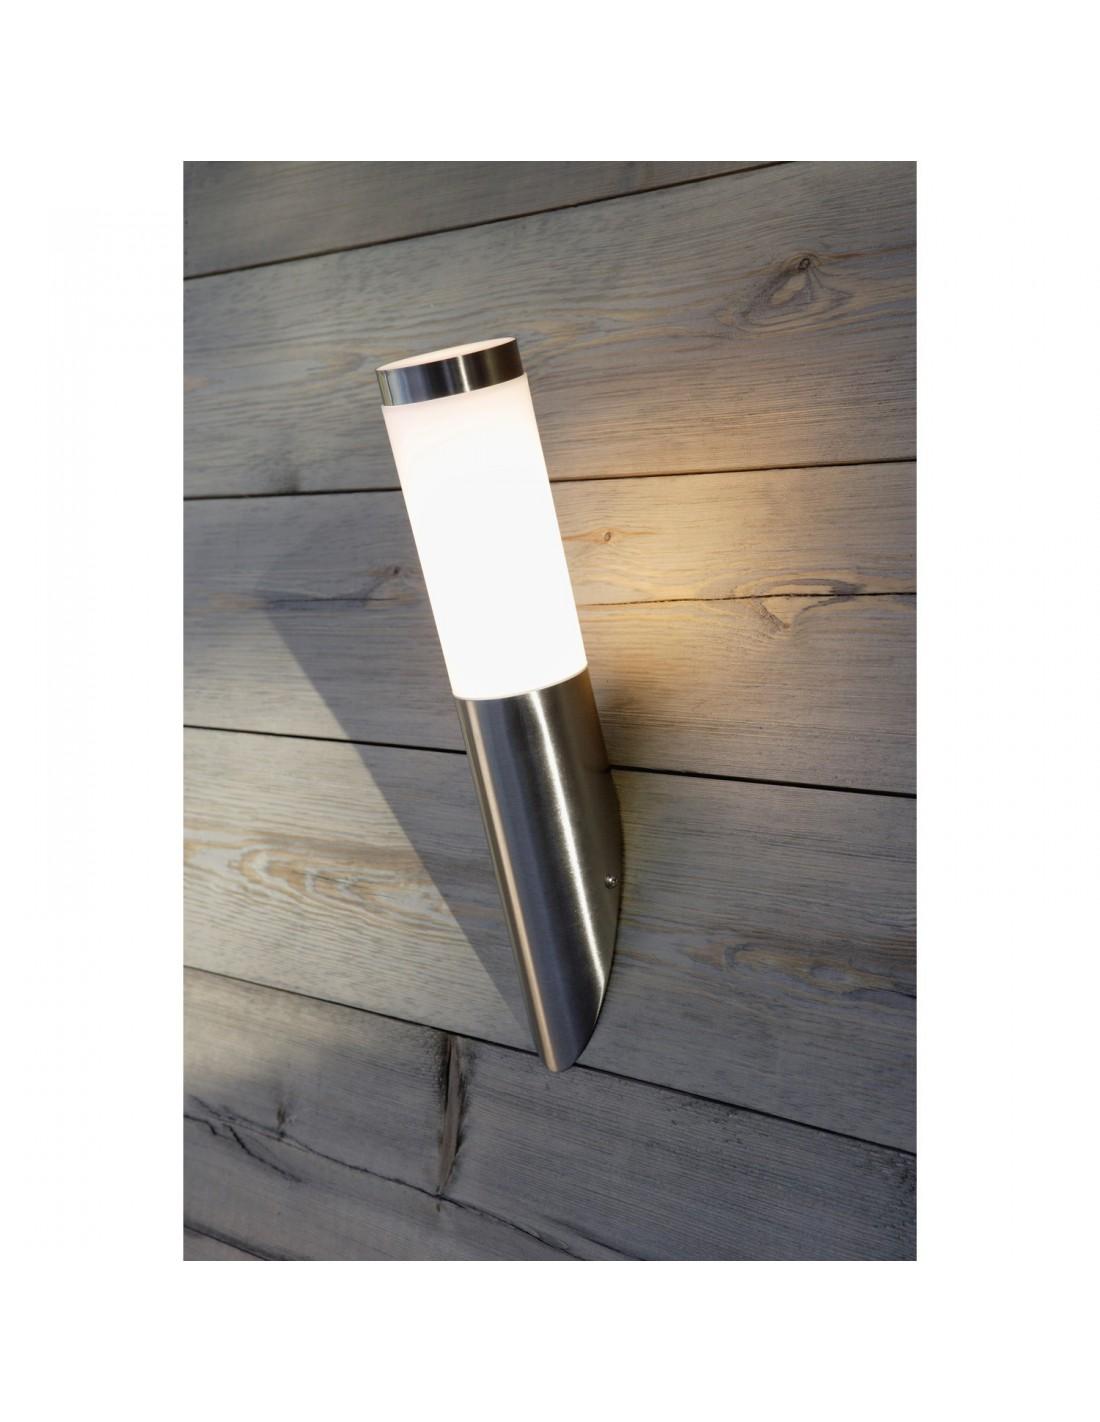 Applique ext rieure inox brillant h36 cm for Applique murale exterieur brico leclerc